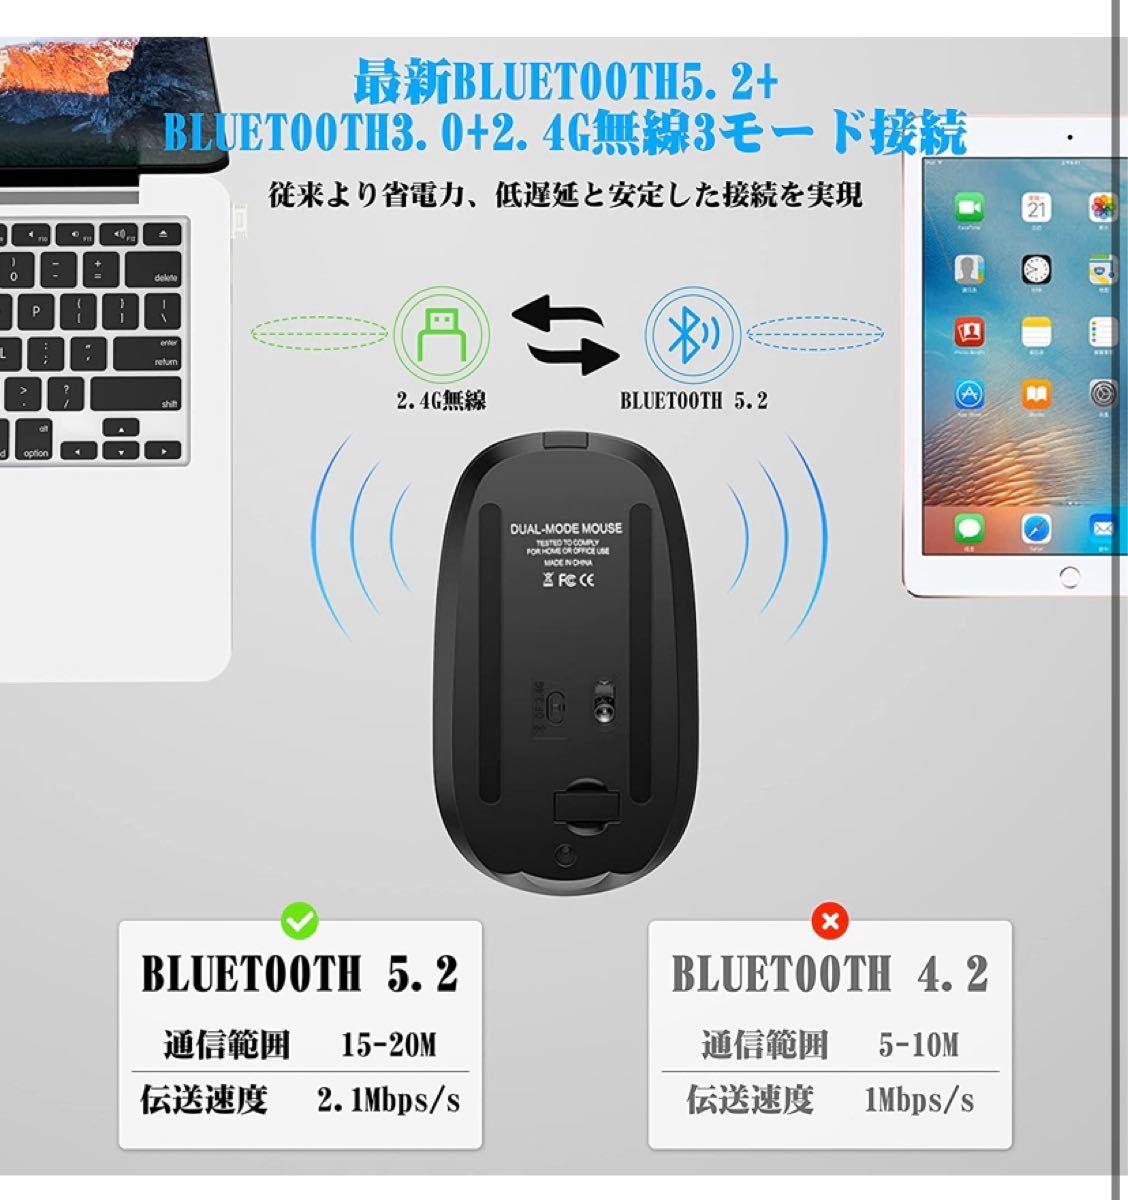 ワイヤレスマウス 充電式 Bluetooth マウス 薄型 静音 3DPIモー